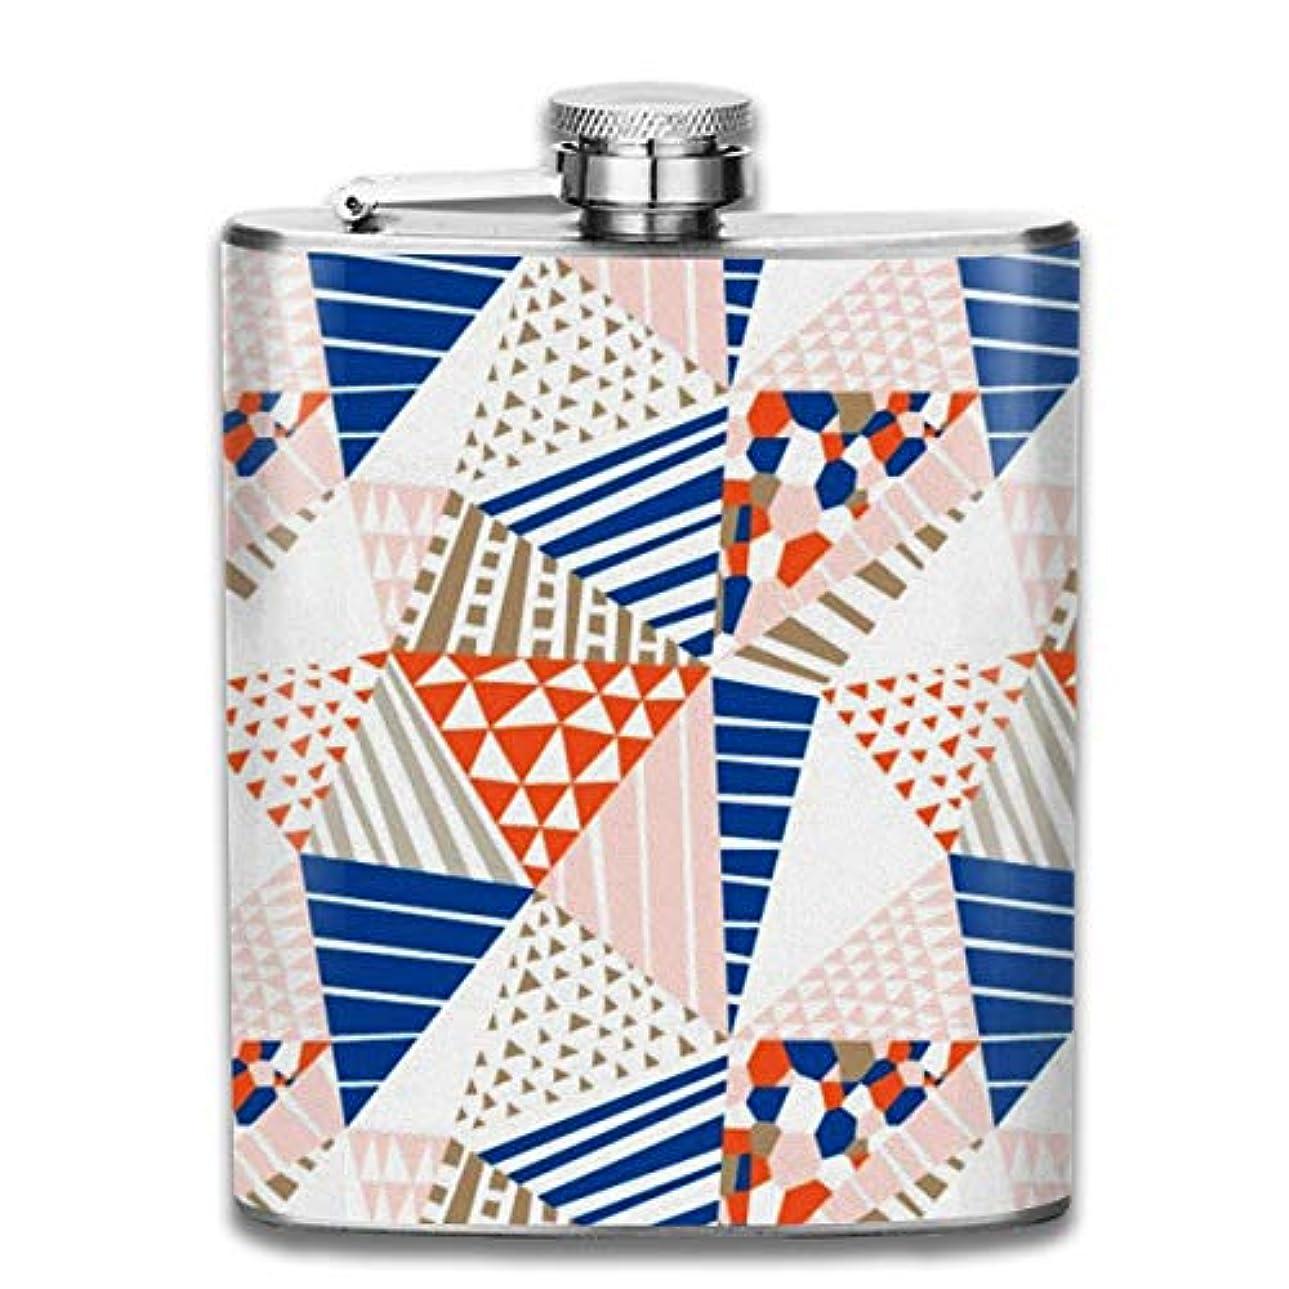 資料遺跡酸っぱい幾何学模様フラスコ スキットル ヒップフラスコ 7オンス 206ml 高品質ステンレス製 ウイスキー アルコール 清酒 携帯 ボトル